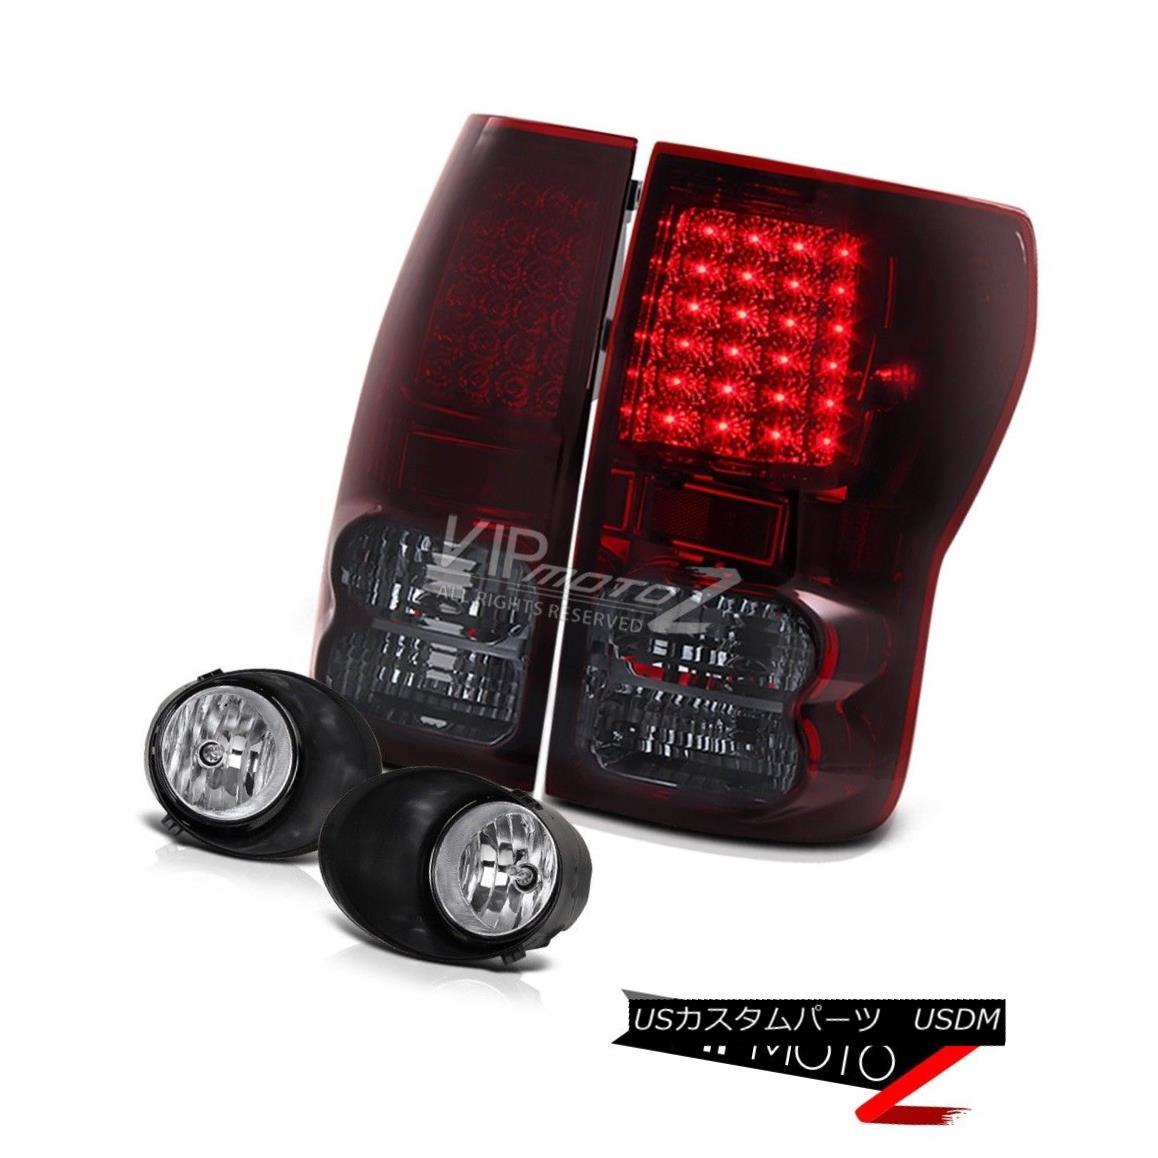 テールライト SMOKEY/RED Led Tail Light Brake Lamp+Crystal Fog Light+Switch Tundra 07-2013 SMOKEY / REDテールライトブレーキランプ+クリスタルフォグライト+スイッチトンドラ07-2013